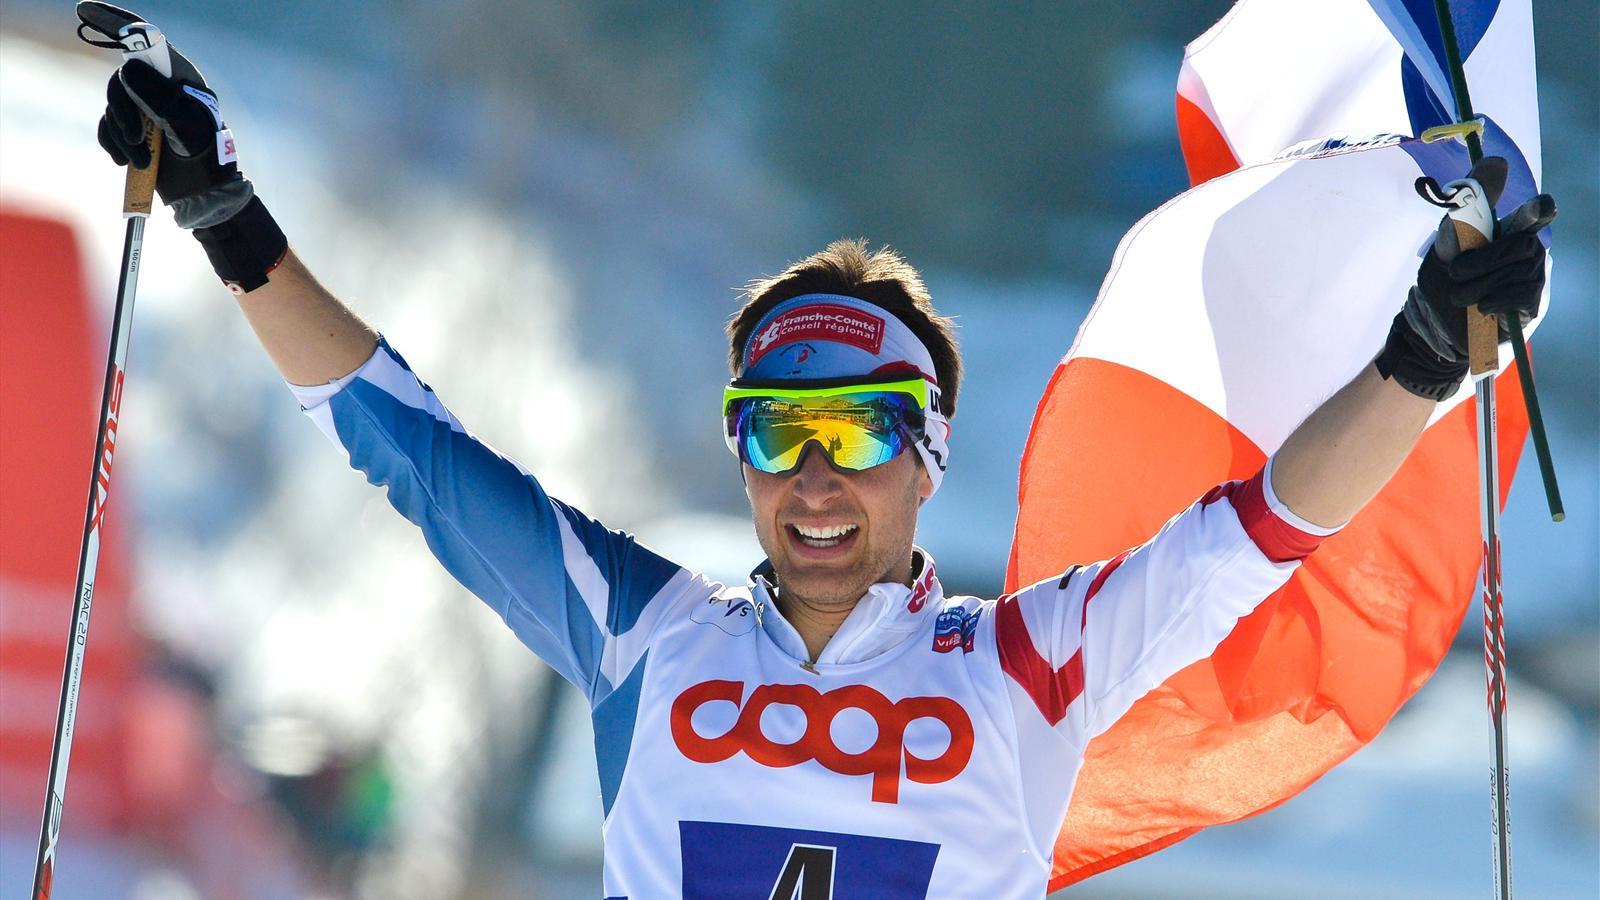 Top 10 France 2013 - Jason Lamy-Chappuis (combiné nordique) à la 8e place